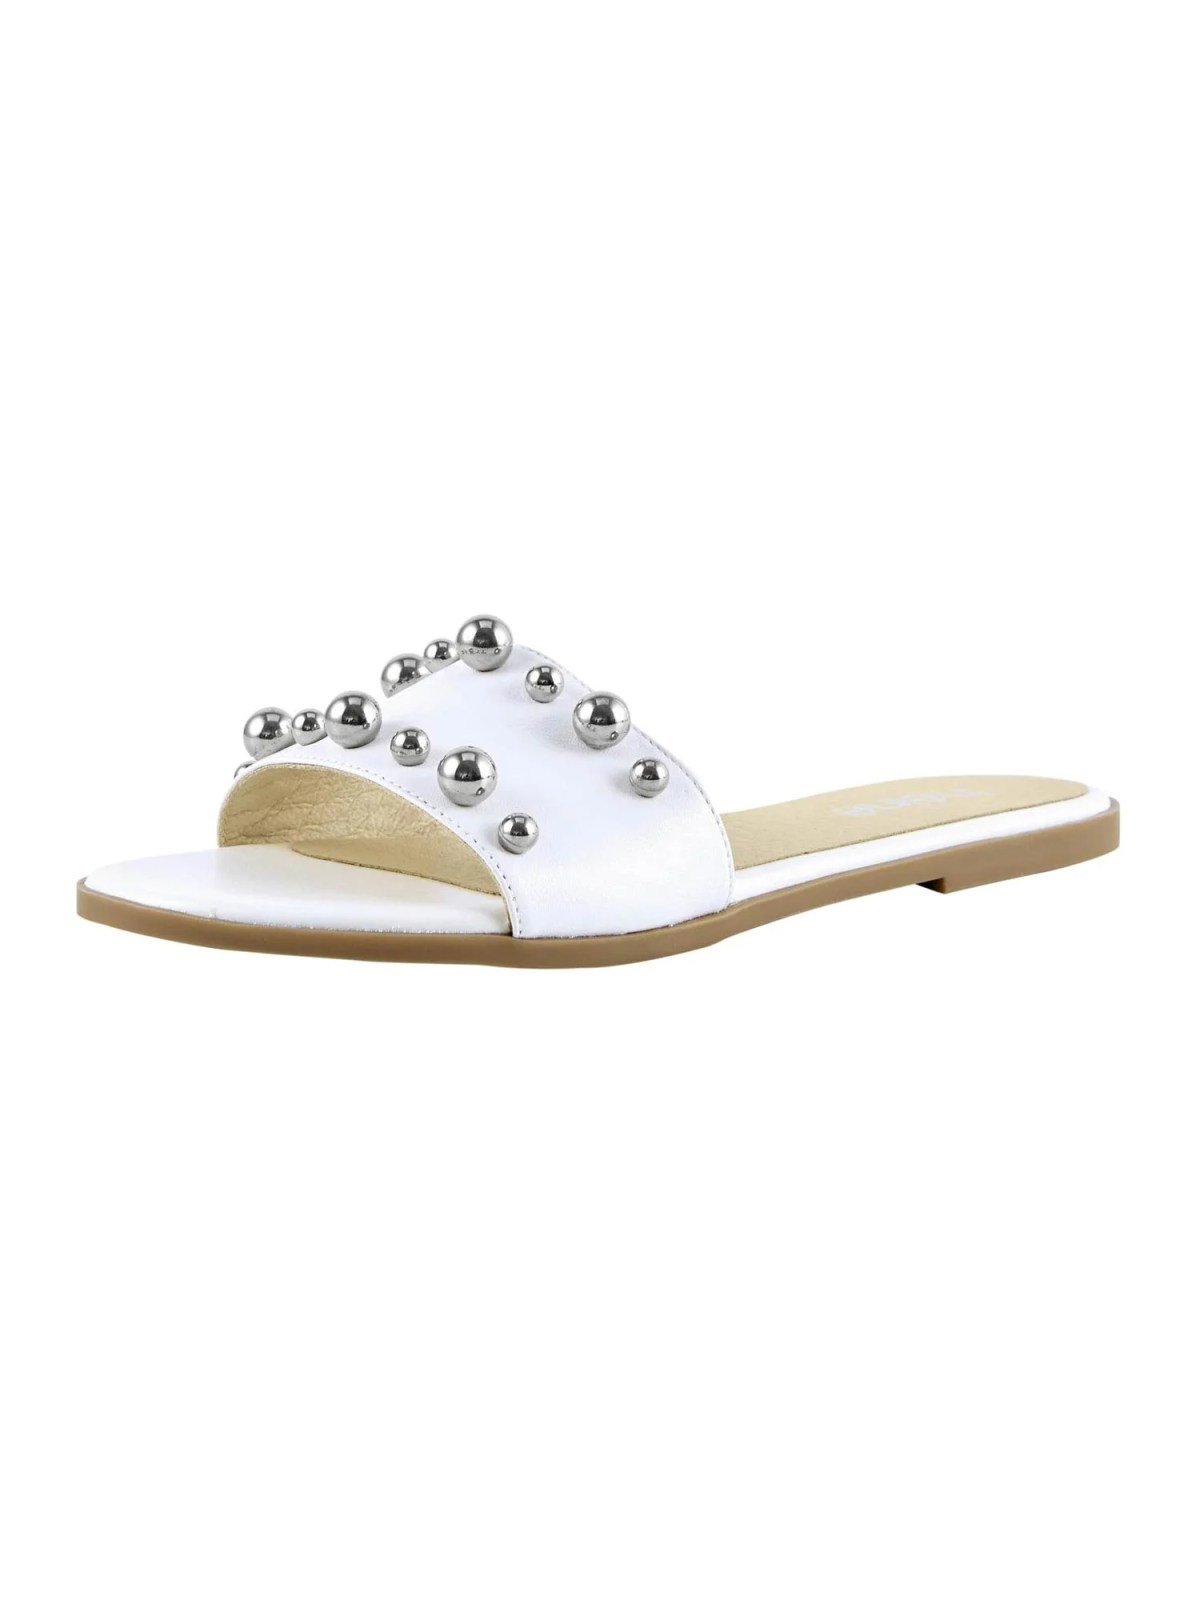 714.054 HEINE Damen Designer-Leder-Pantolette m. Perlen Weiß